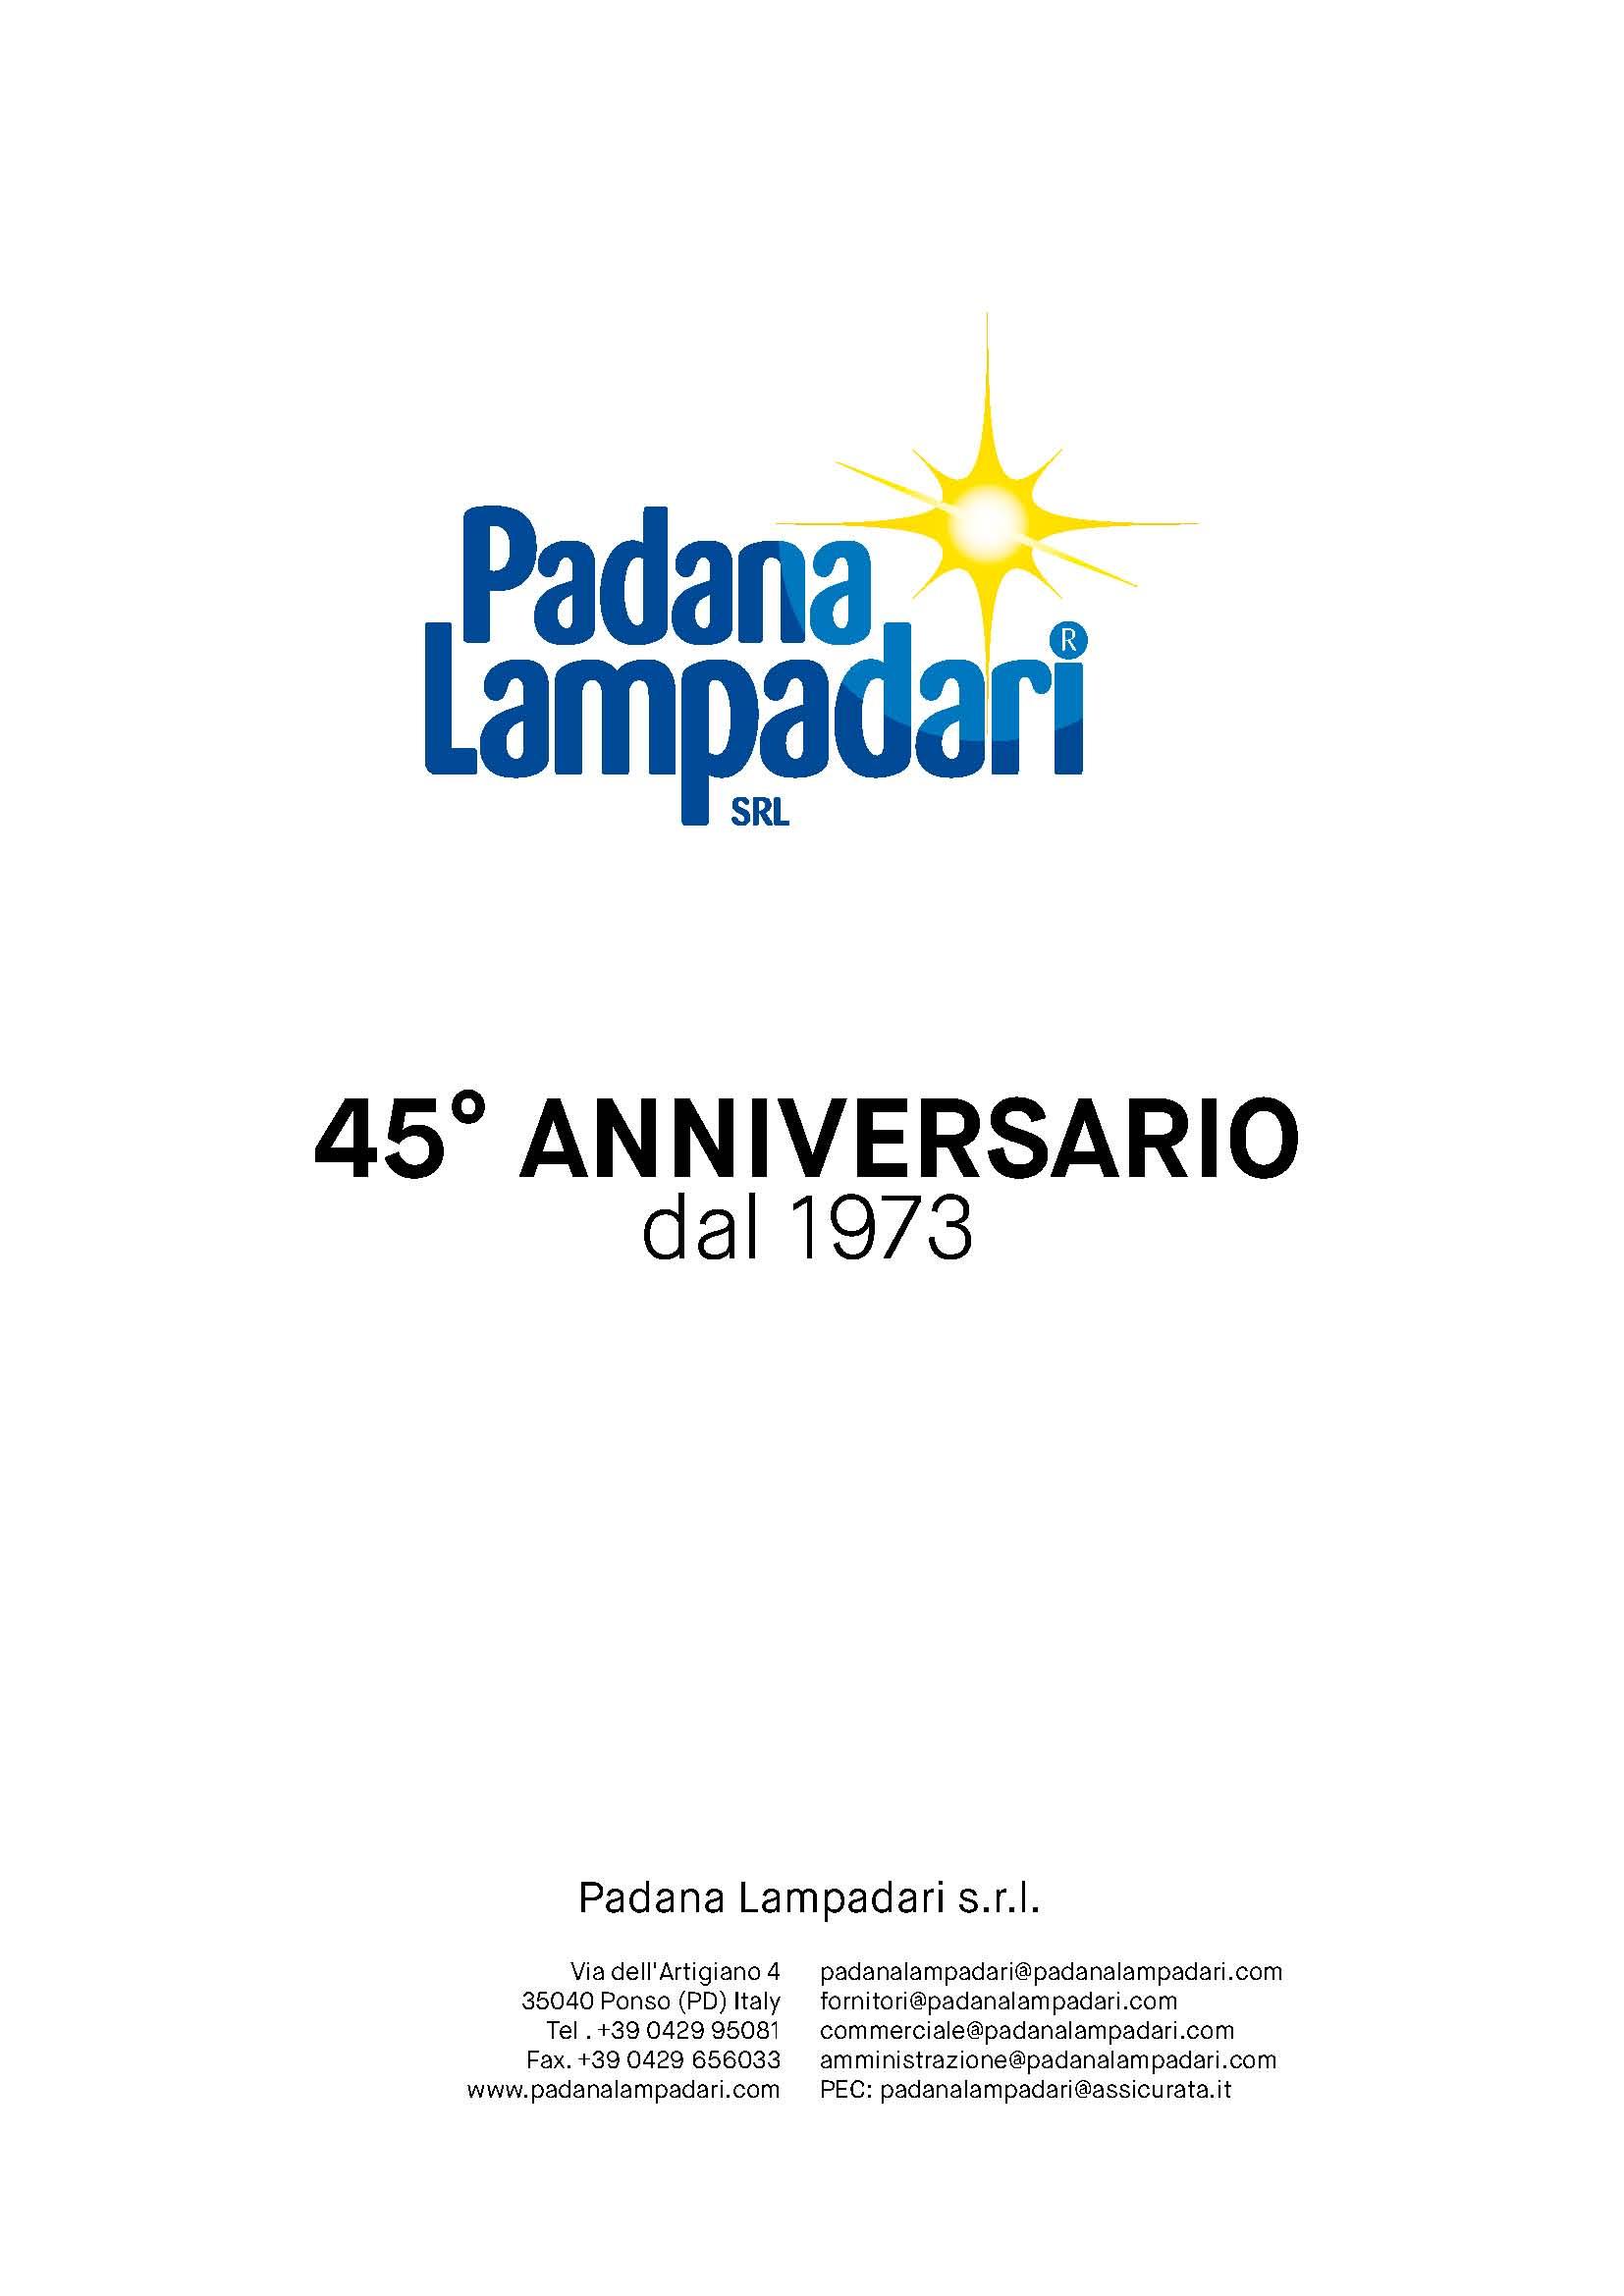 Padana Lampadari